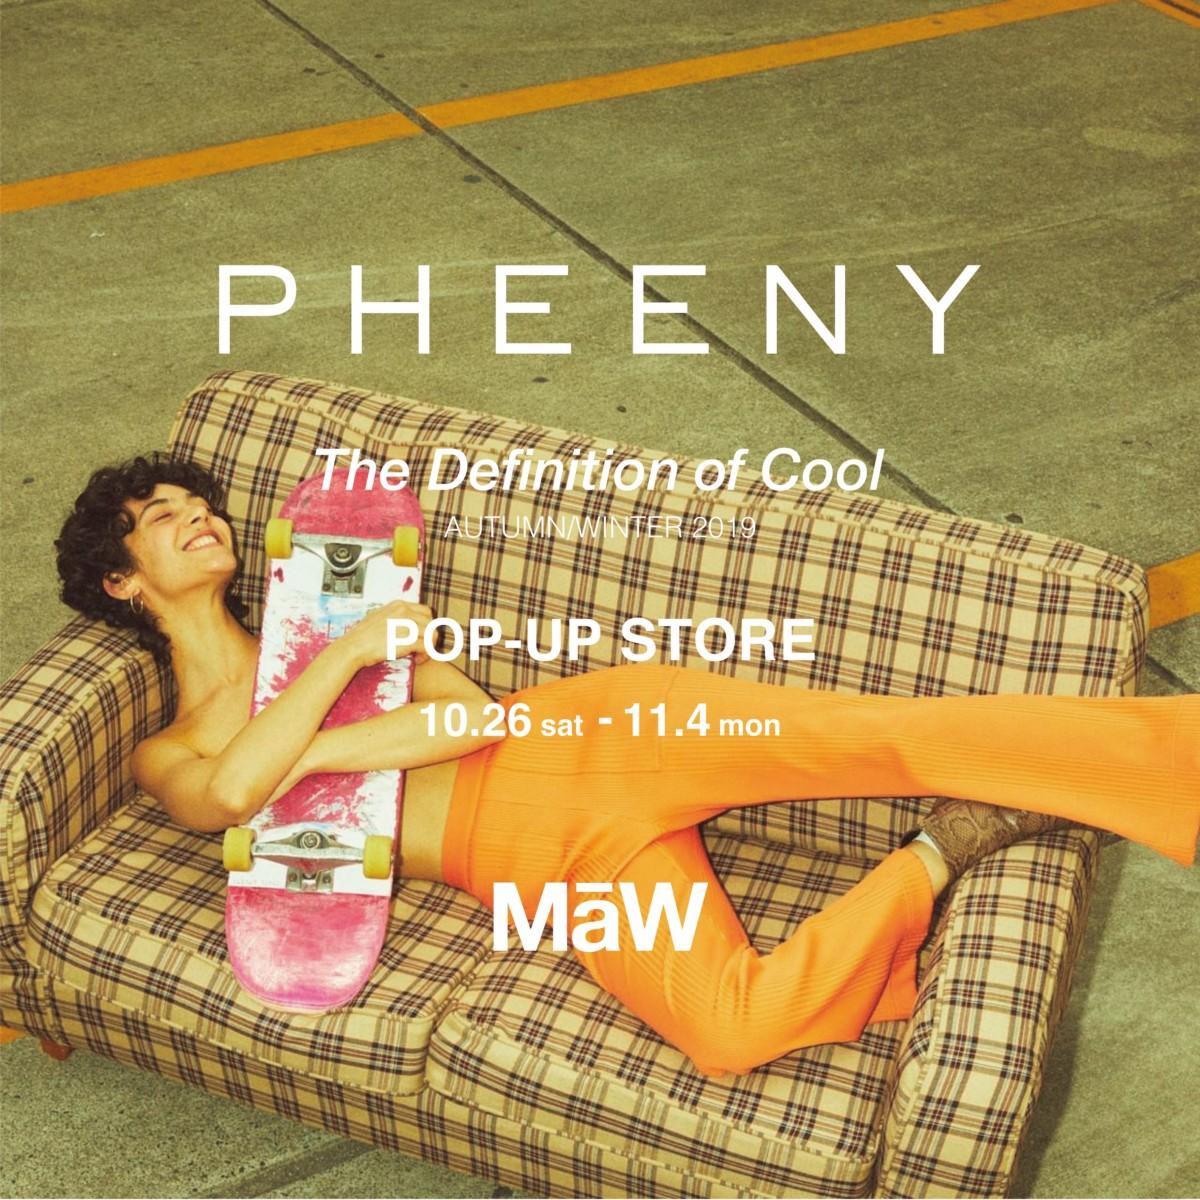 2018aw_pheeny_image